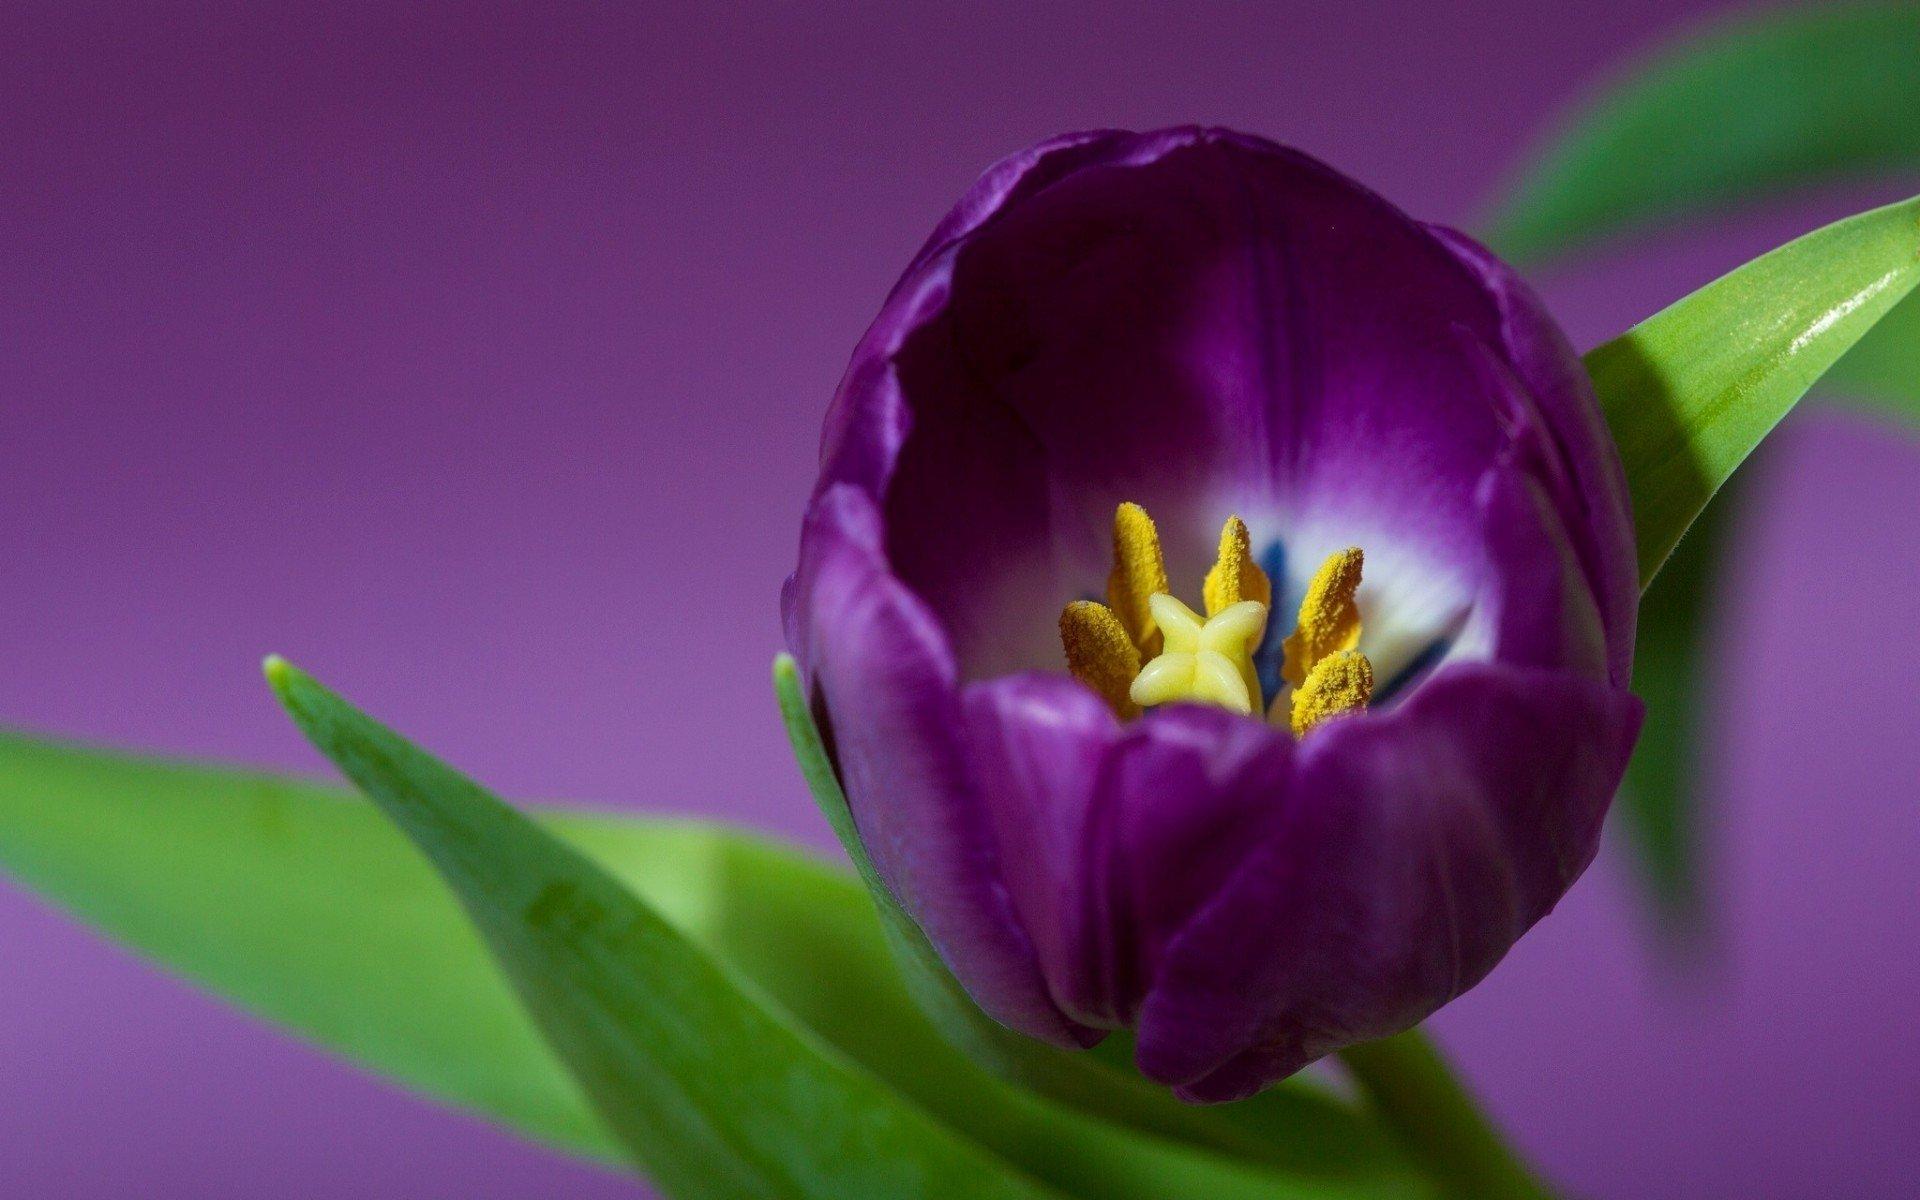 Next Purple Floral Wallpaper